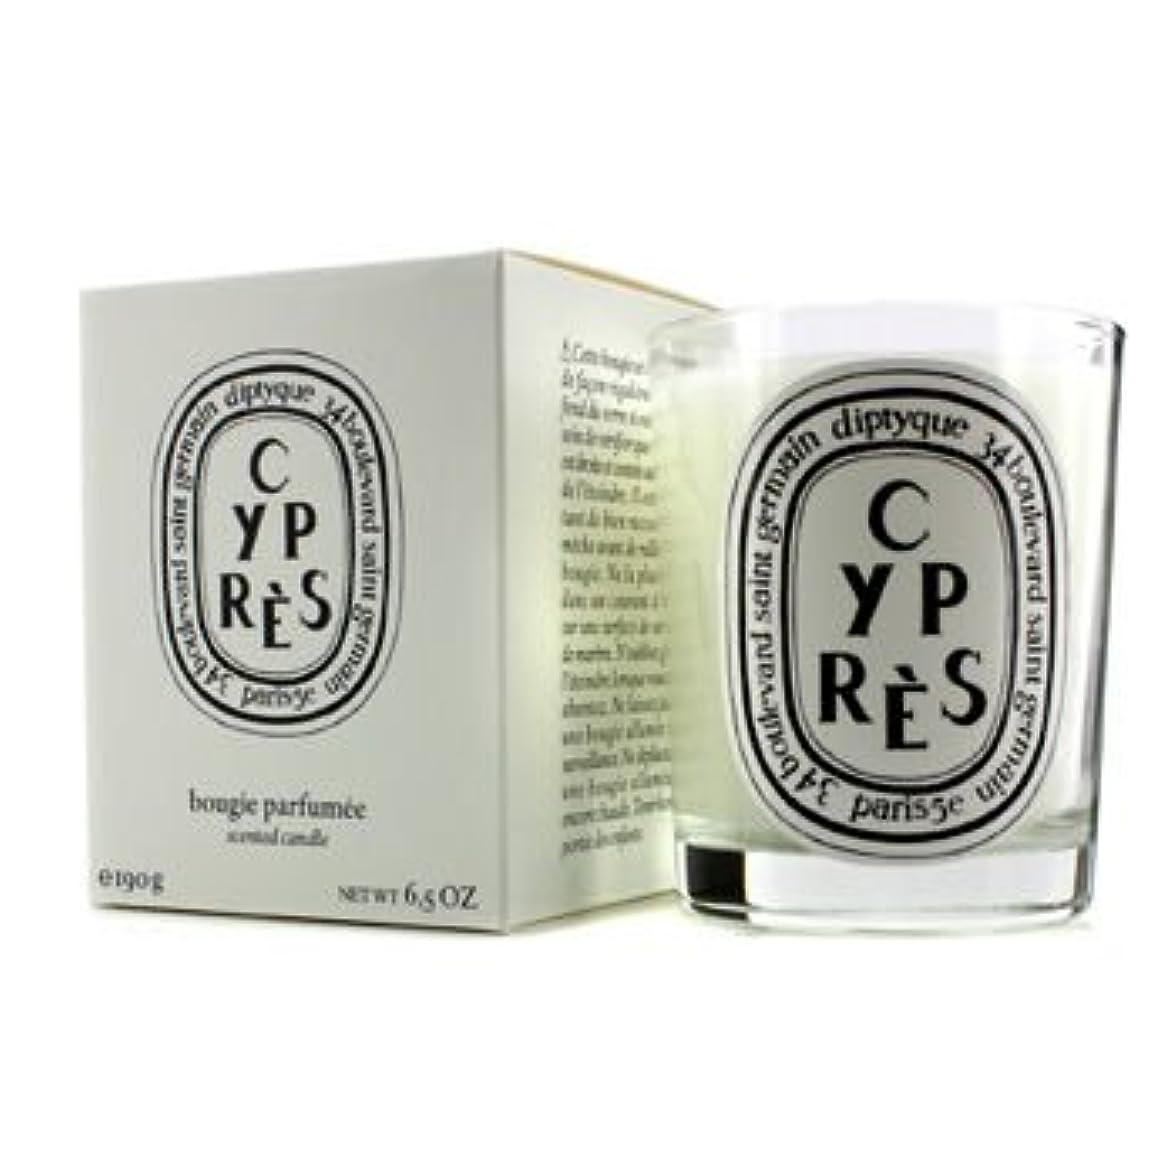 ブランドインド砂[Diptyque] Scented Candle - Cypres (Cypress) 190g/6.5oz